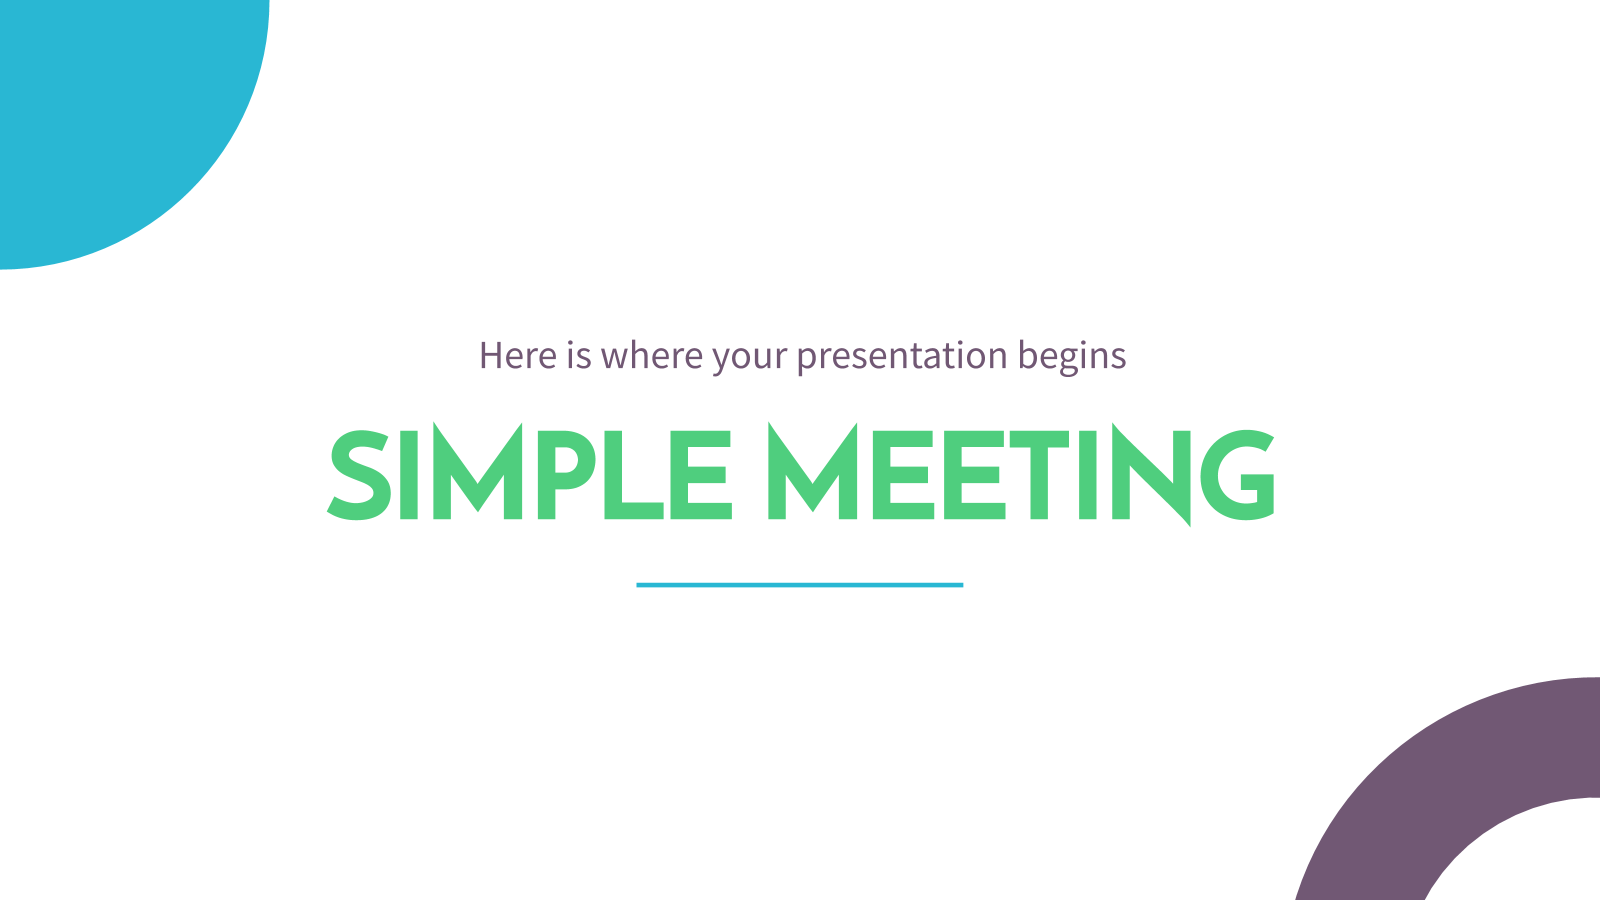 Réunion simple : Modèles de présentation